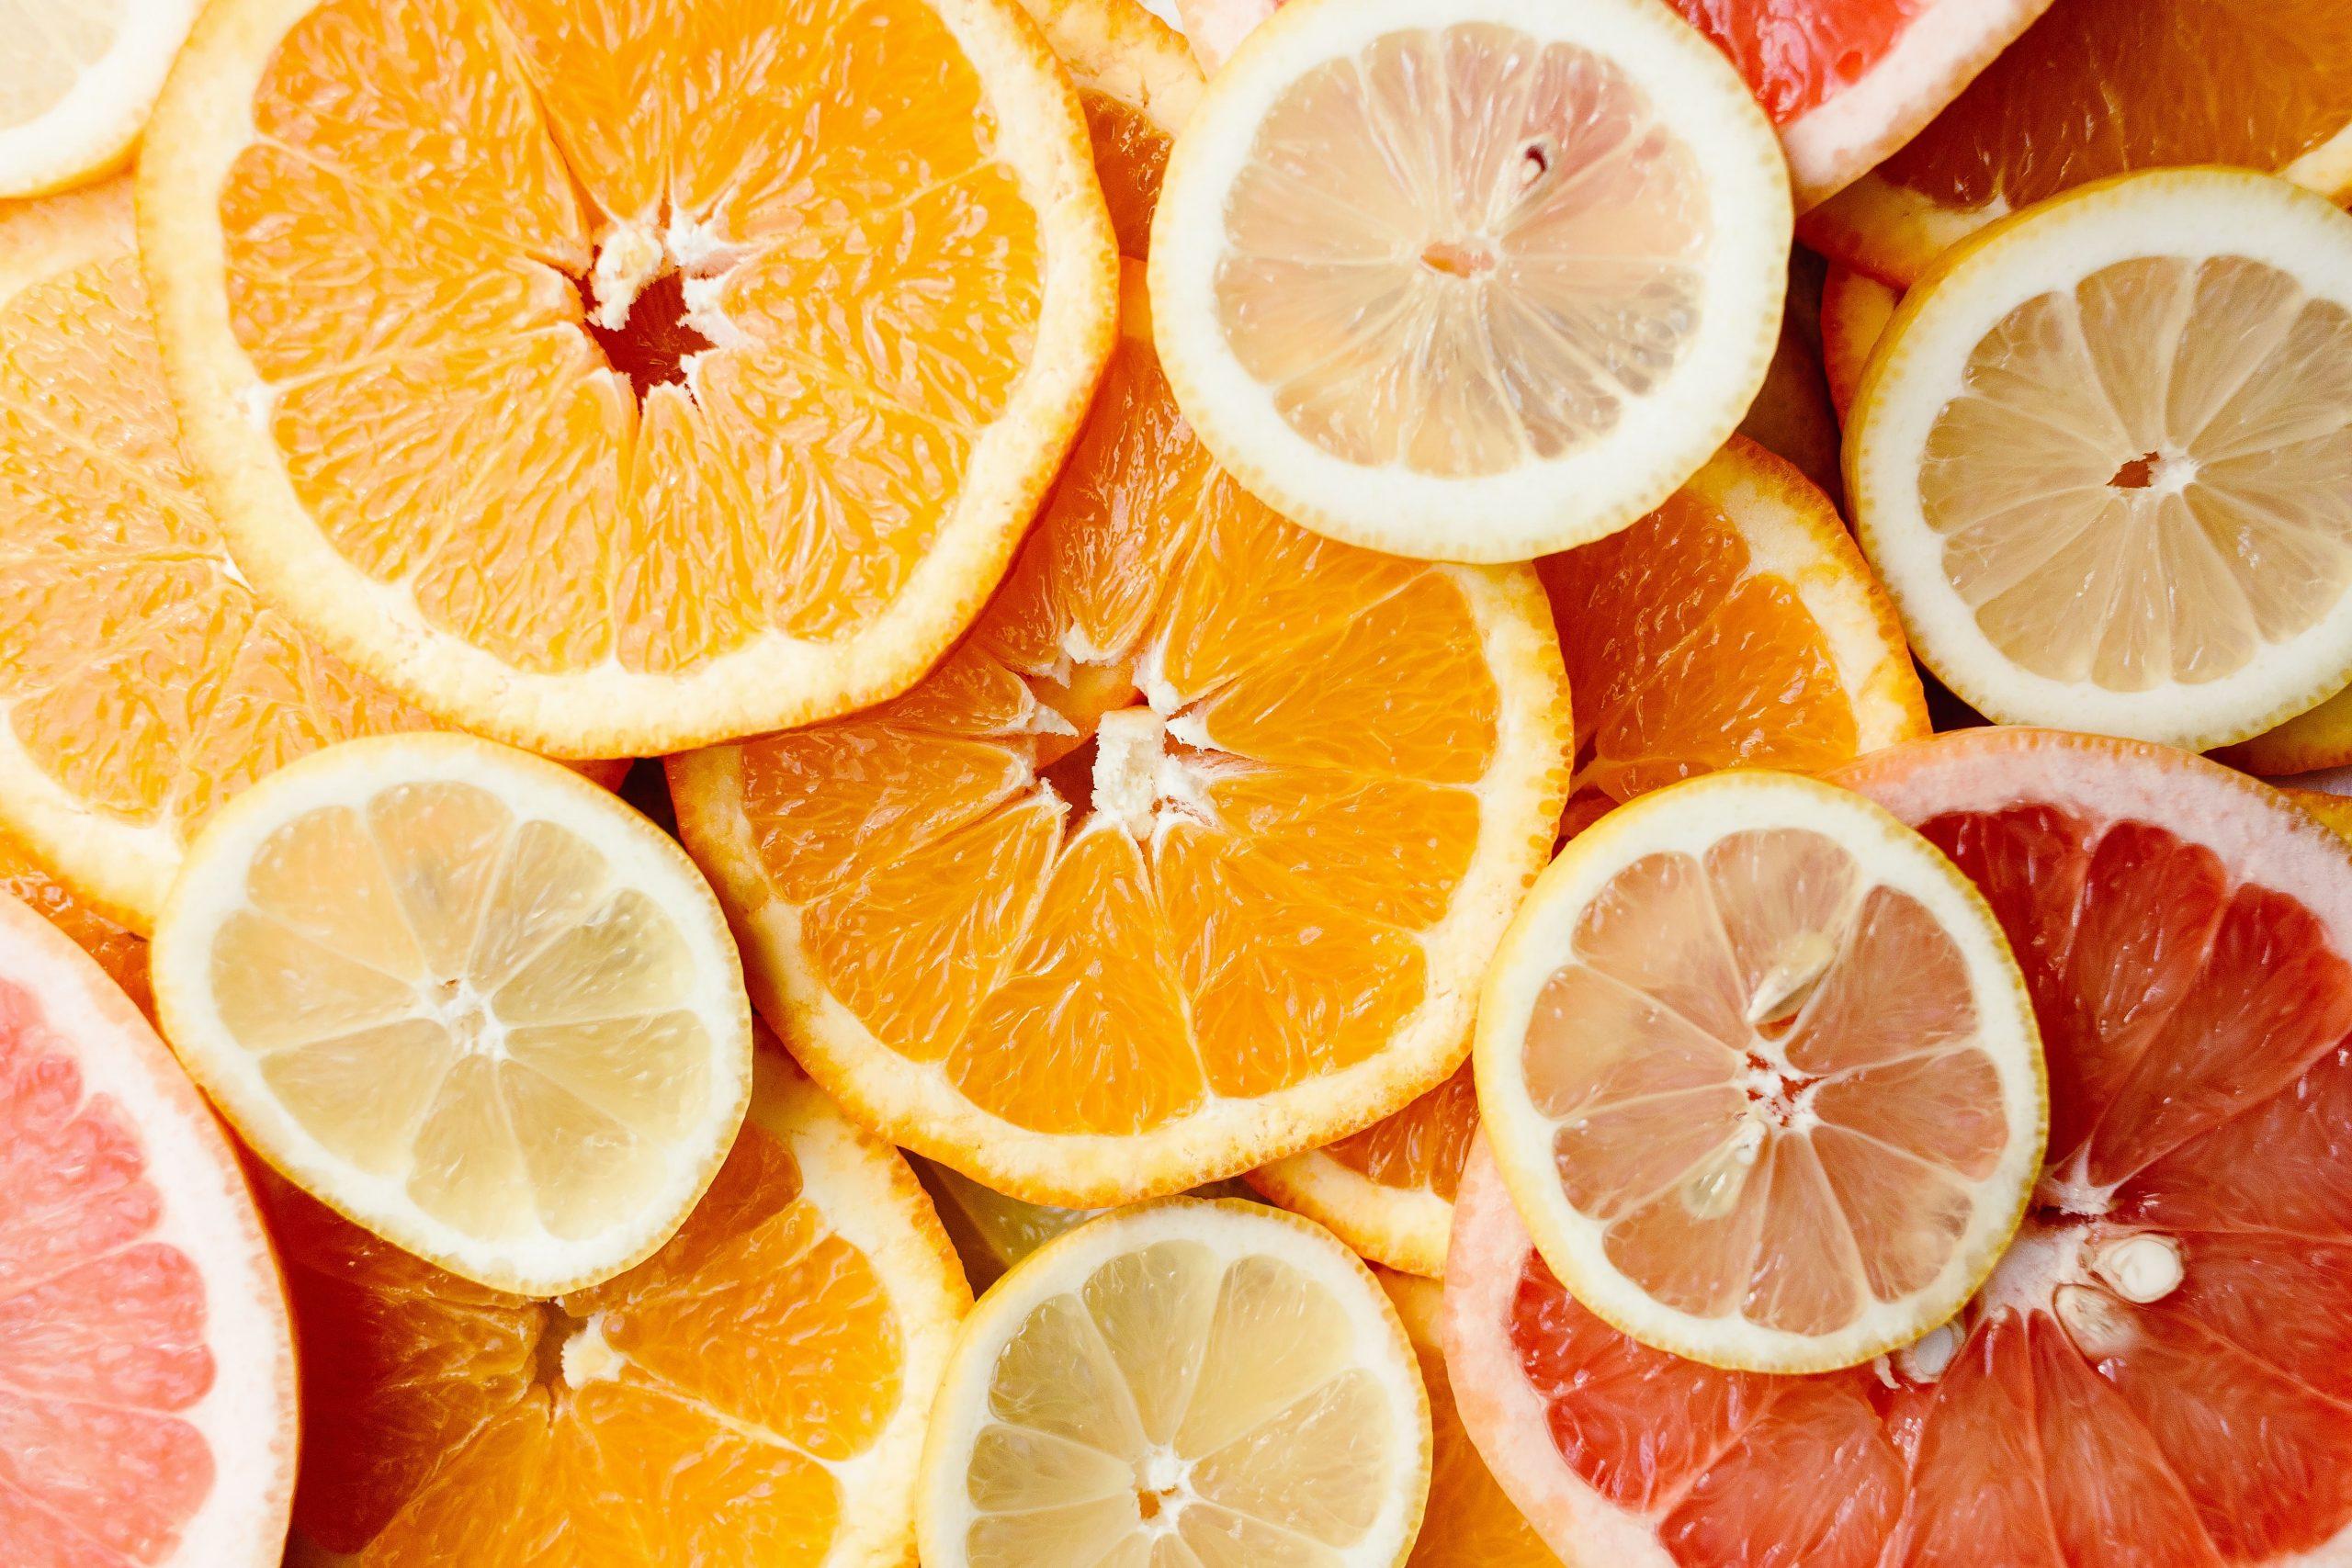 هل توجد علاقة بين البرتقال و نزلات البرد